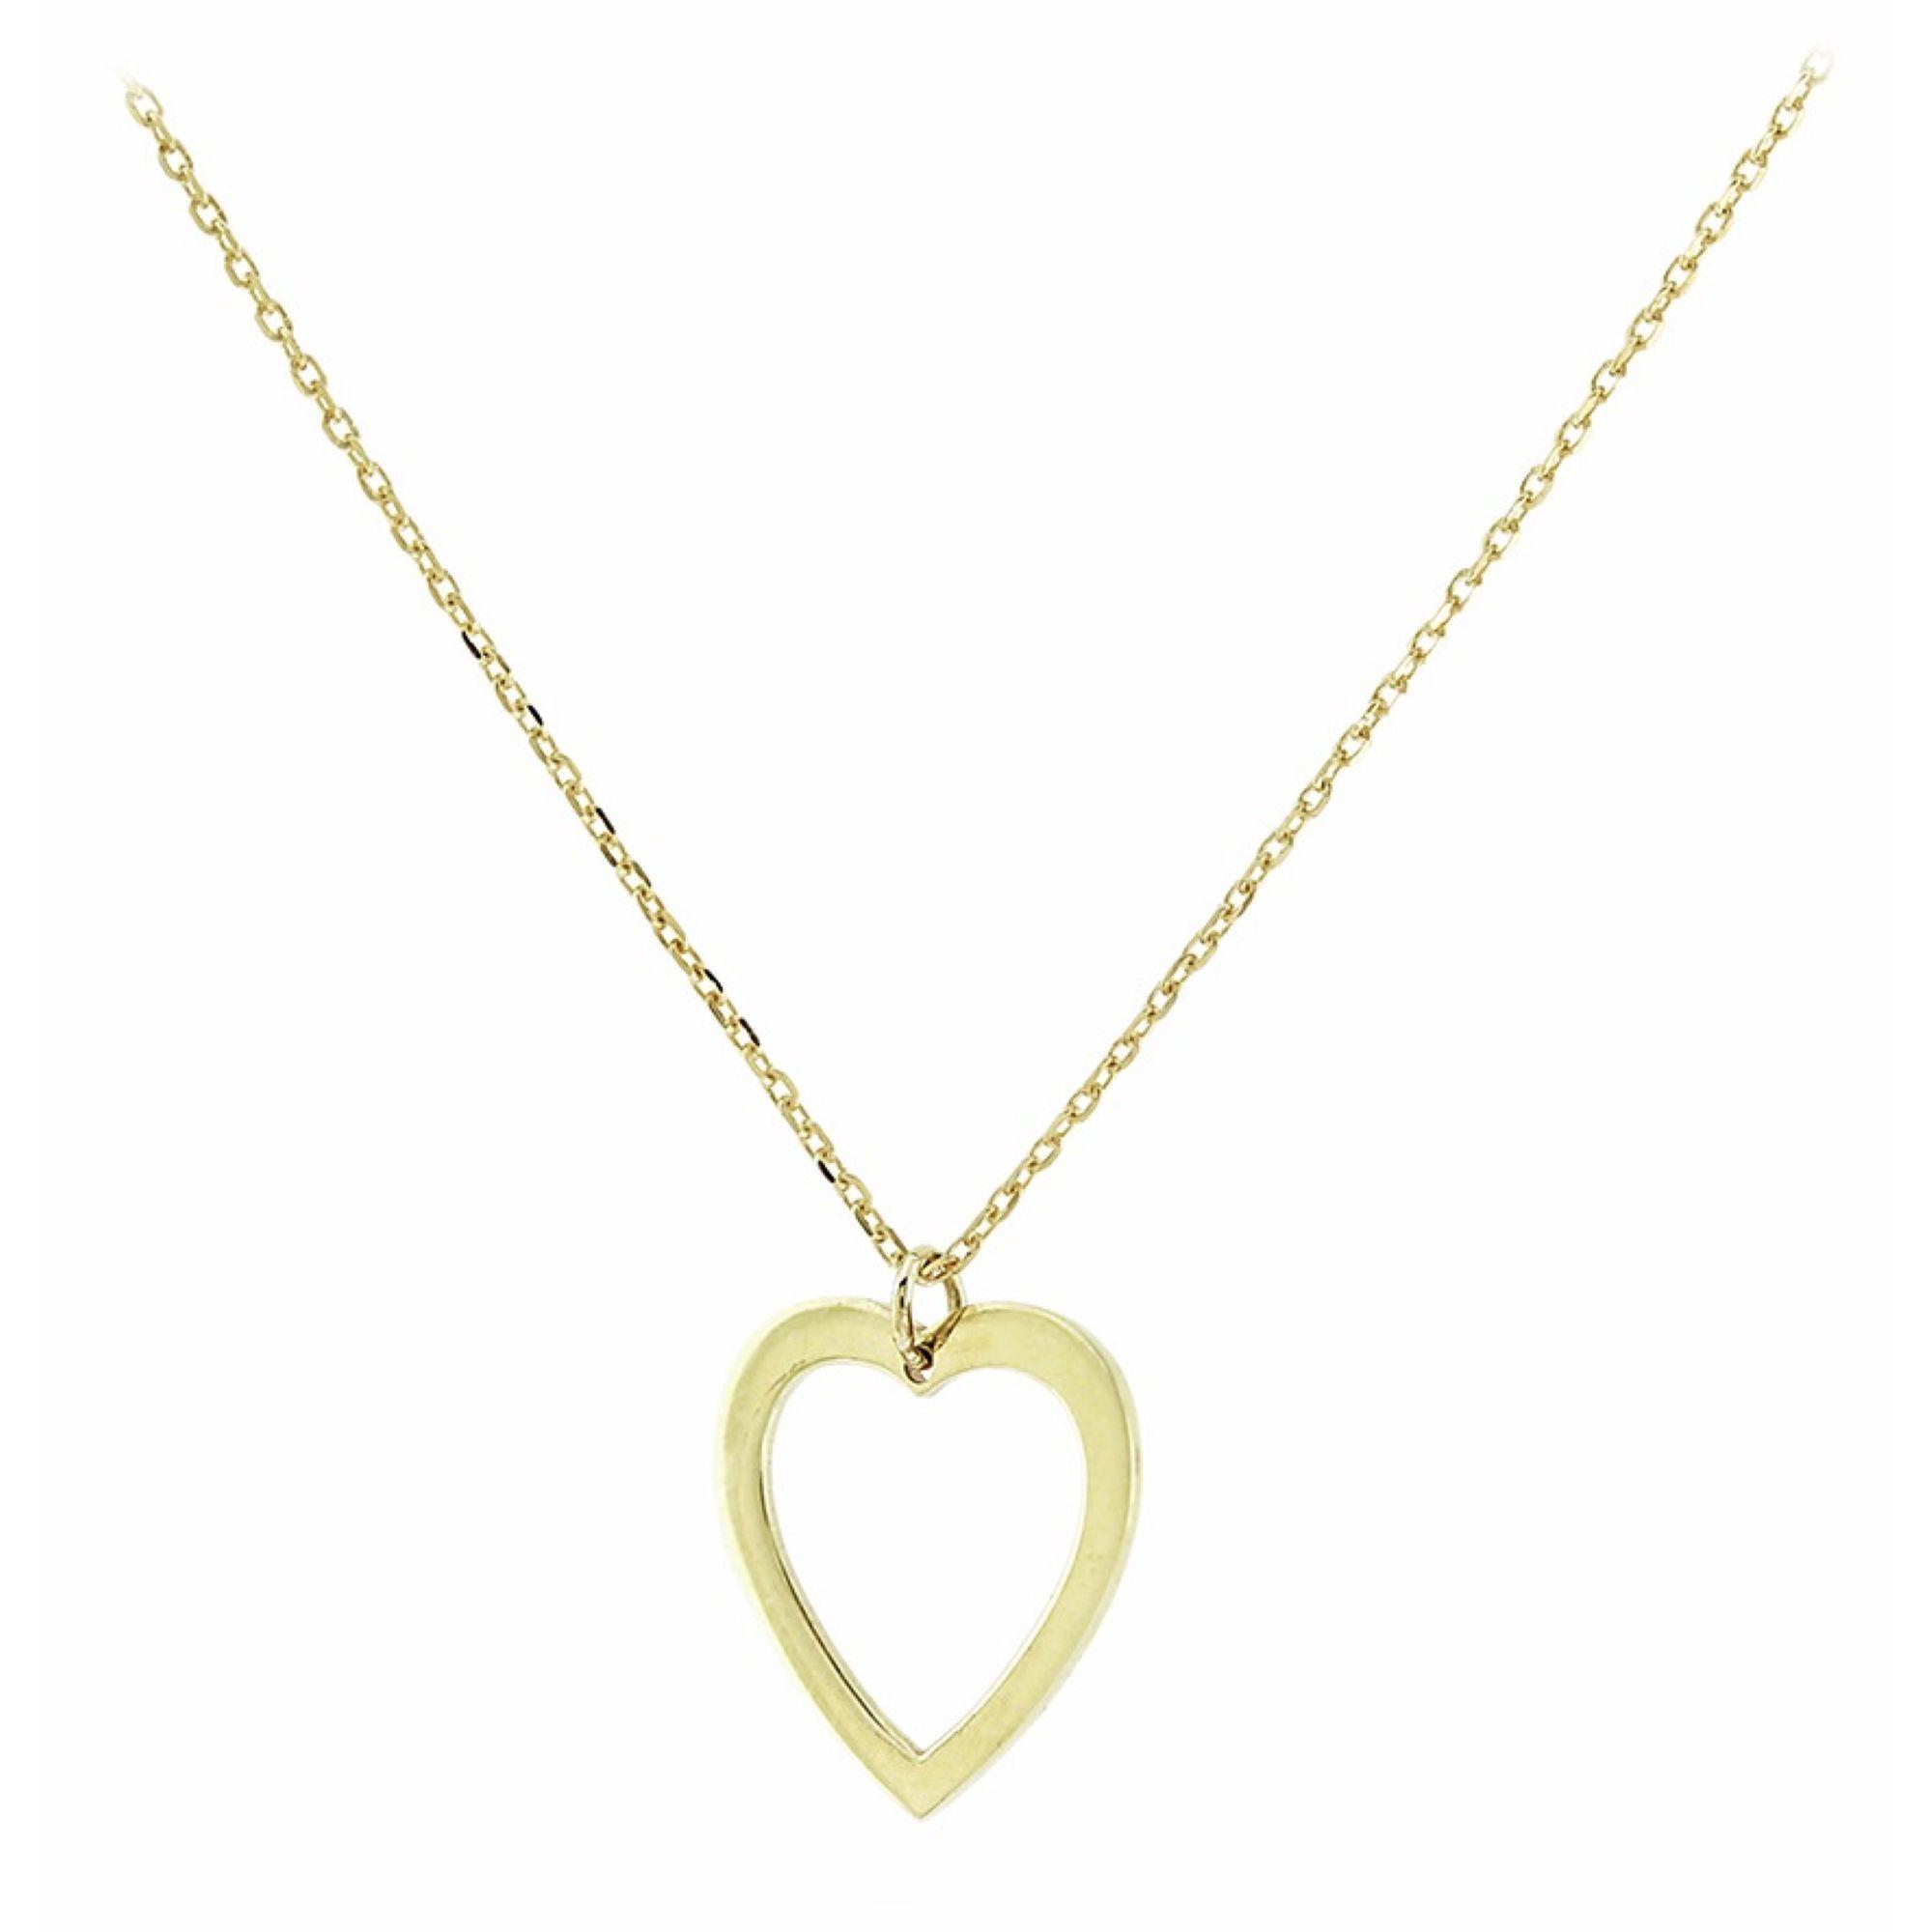 Χρυσό Κολιέ με Καρδιά 9 Καράτια